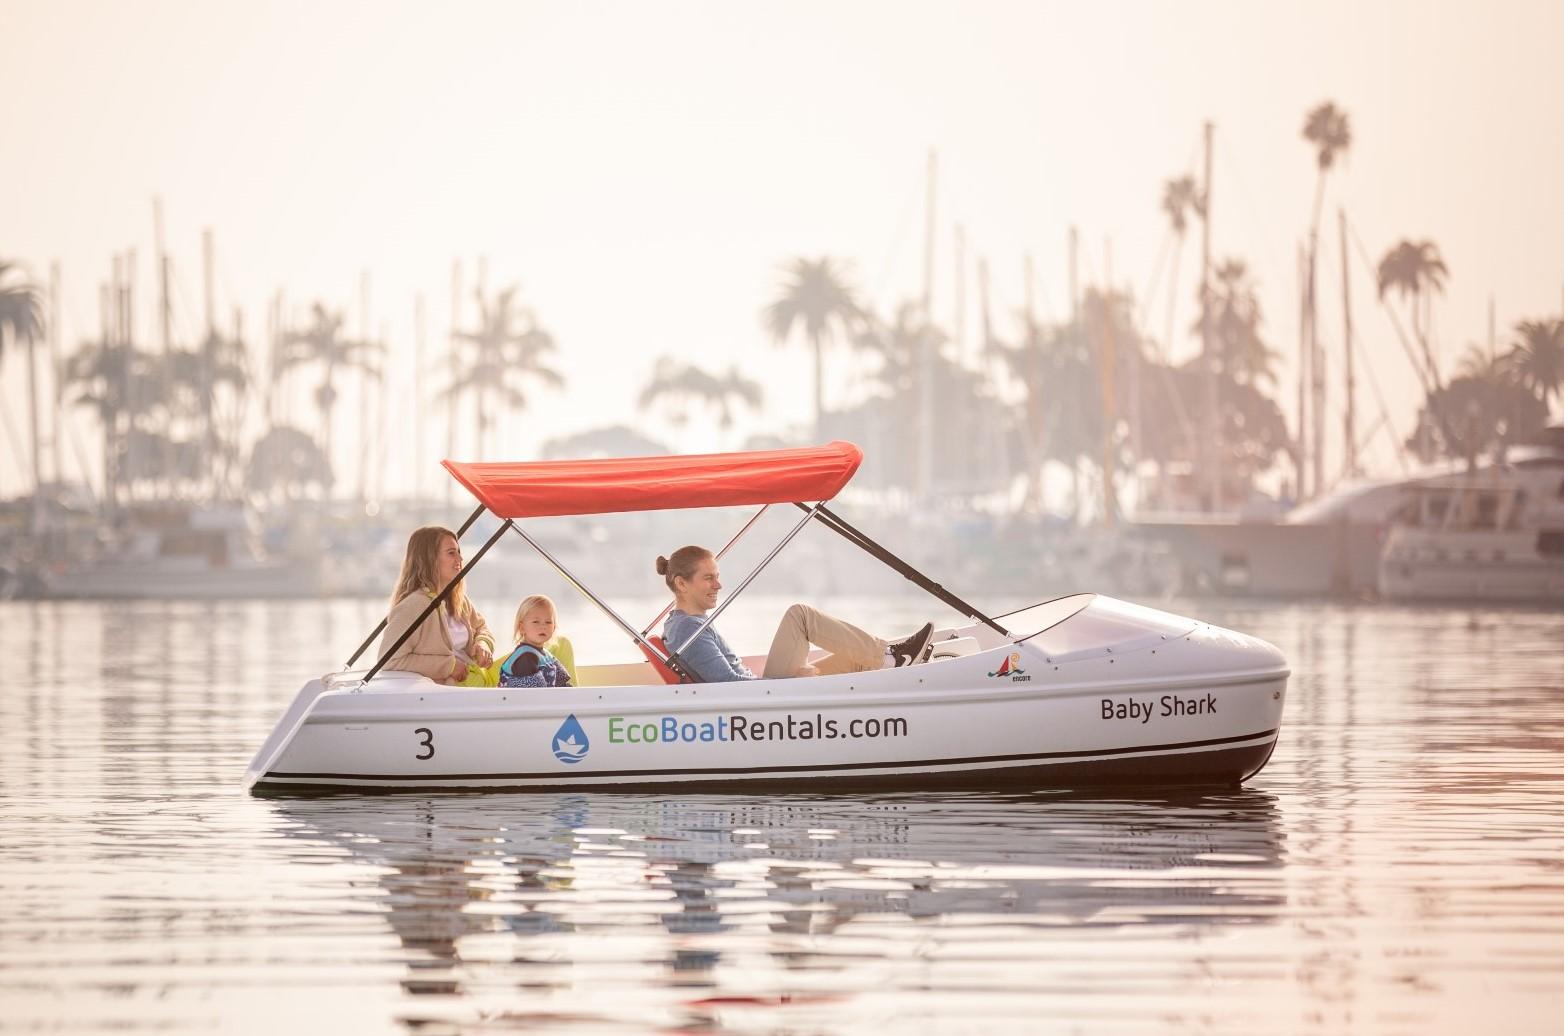 Eco Boat Rentals Pedal Boat